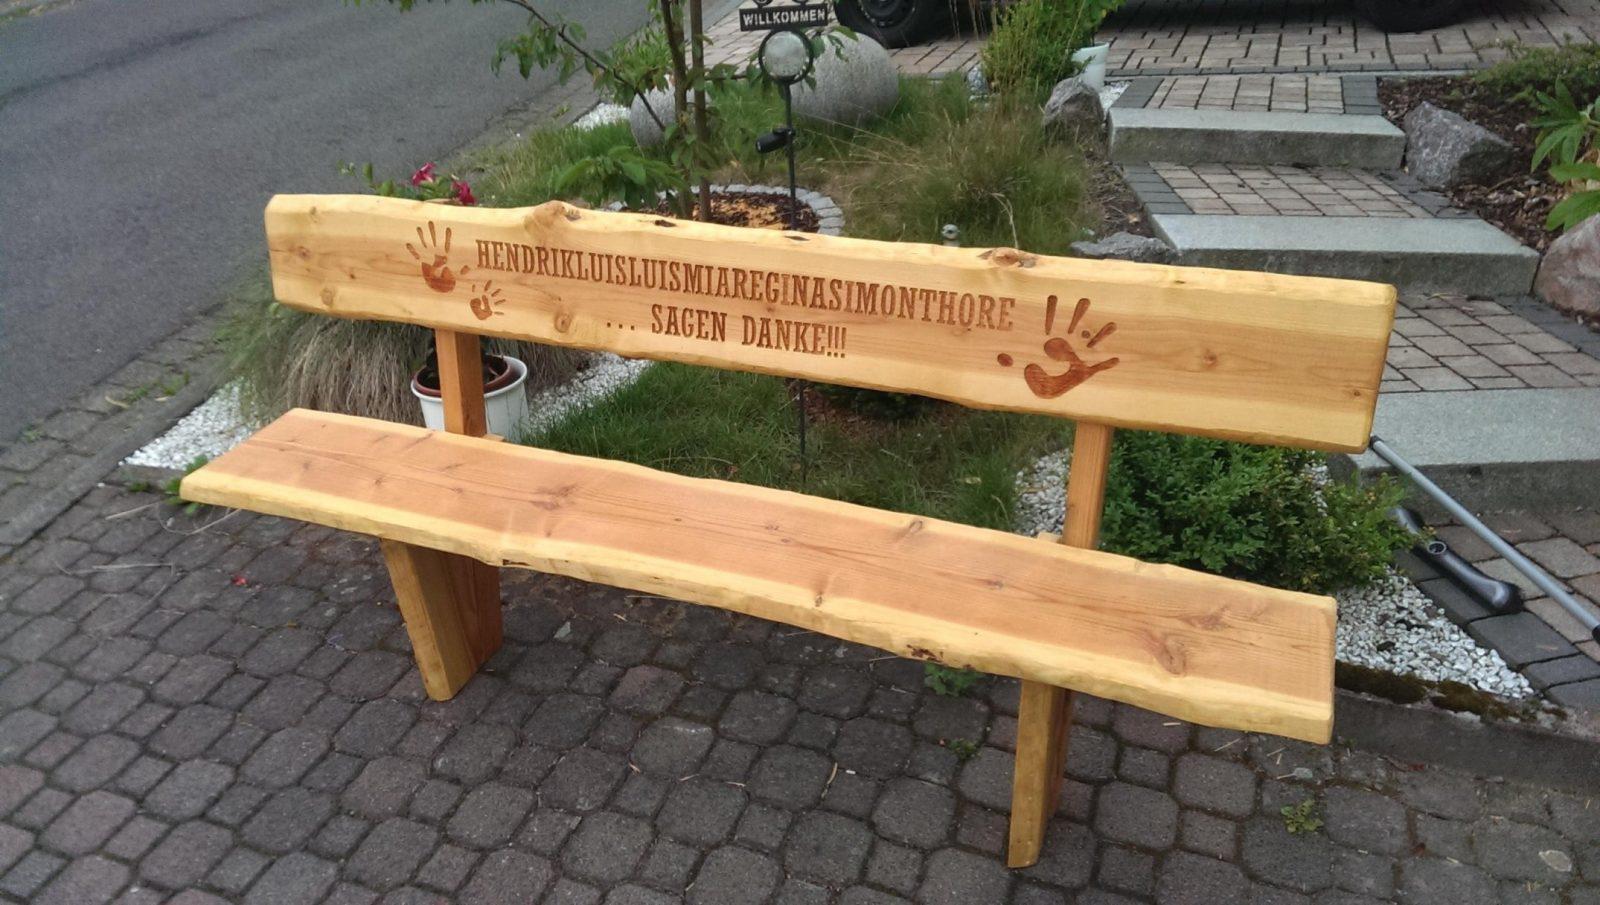 Rustikale Gartenbank Aus Baumstämmen Design von Rustikale Gartenbank Aus Baumstämmen Bild